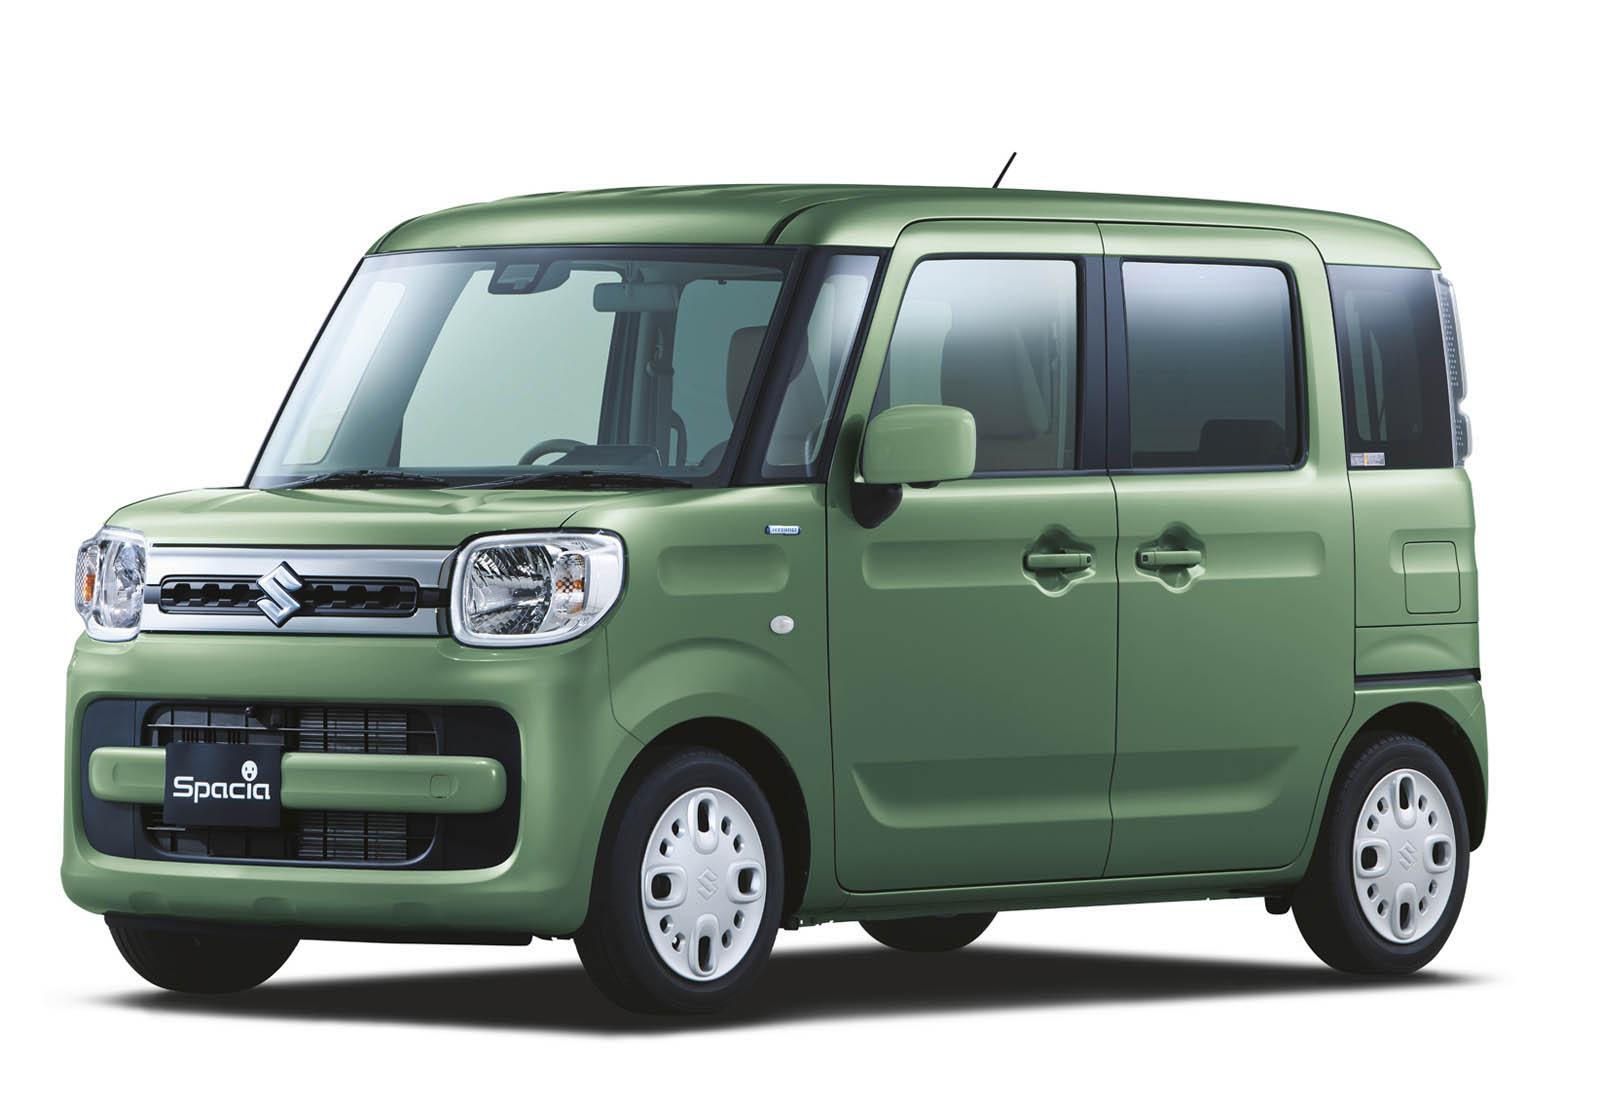 Suzuki Spacia 2018 (8)